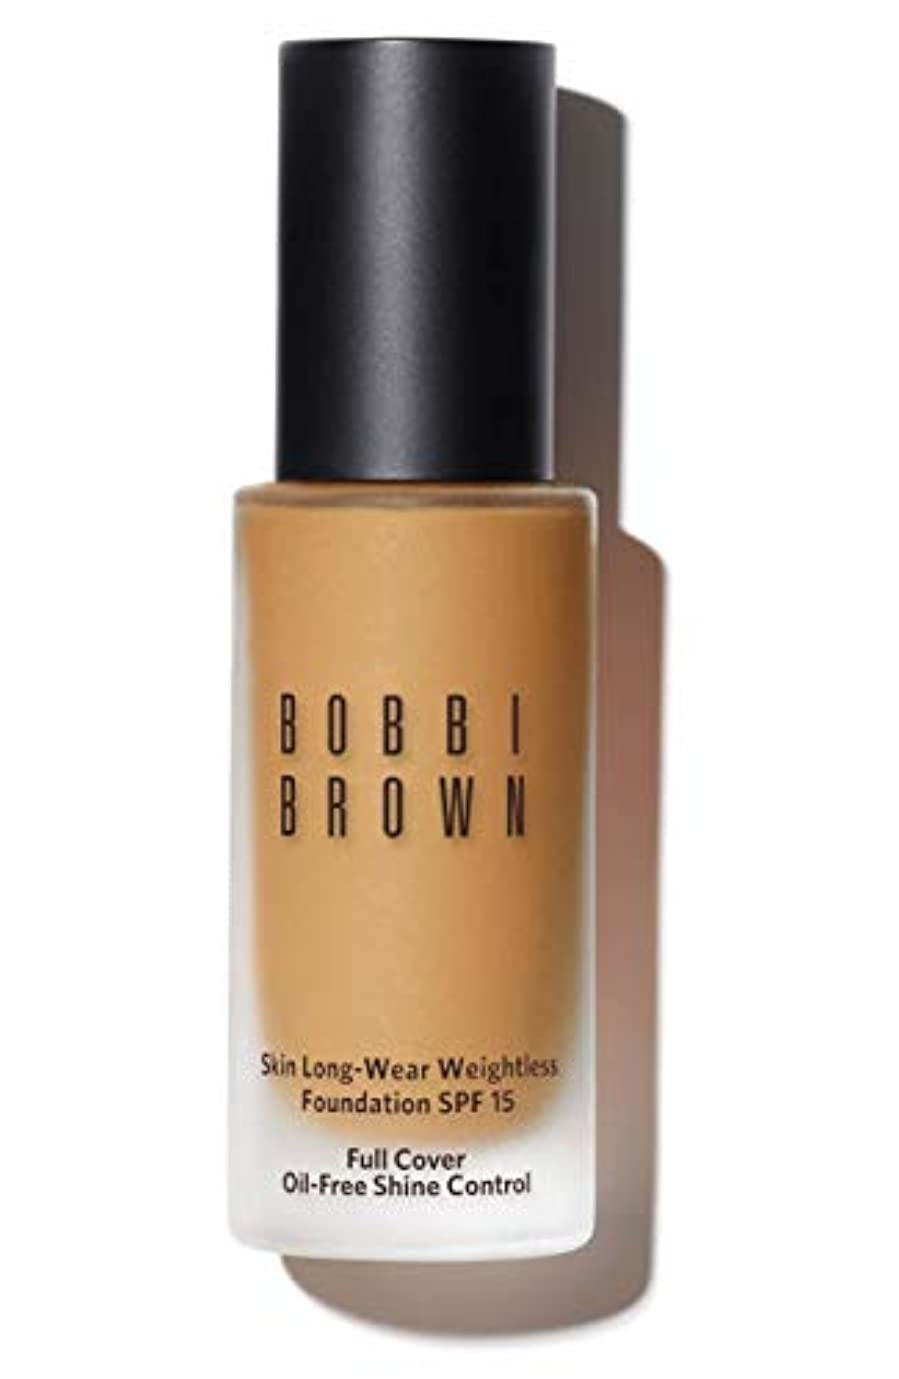 農学環境保護主義者ビジネスボビイ ブラウン Skin Long Wear Weightless Foundation SPF 15 - # Natural Tan 30ml/1oz並行輸入品